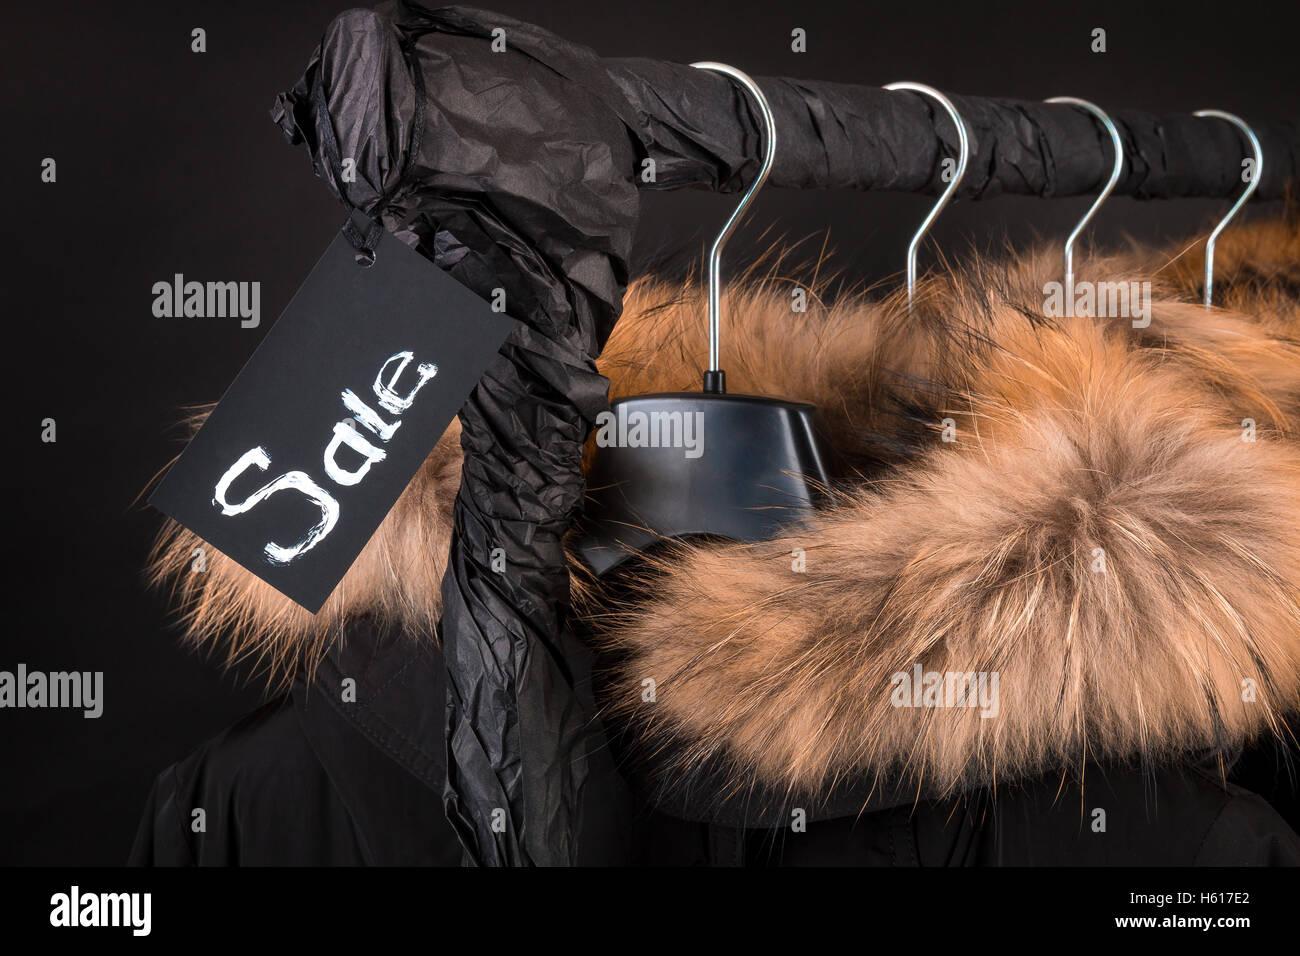 25203ffd4505 Viele schwarze Mäntel, Jacke mit Fell Kapuze Kleiderständer hängen.  Schwarzer Hintergrund. Verkauf-Inschrift. Schwarzer Freitag. Nahaufnahme